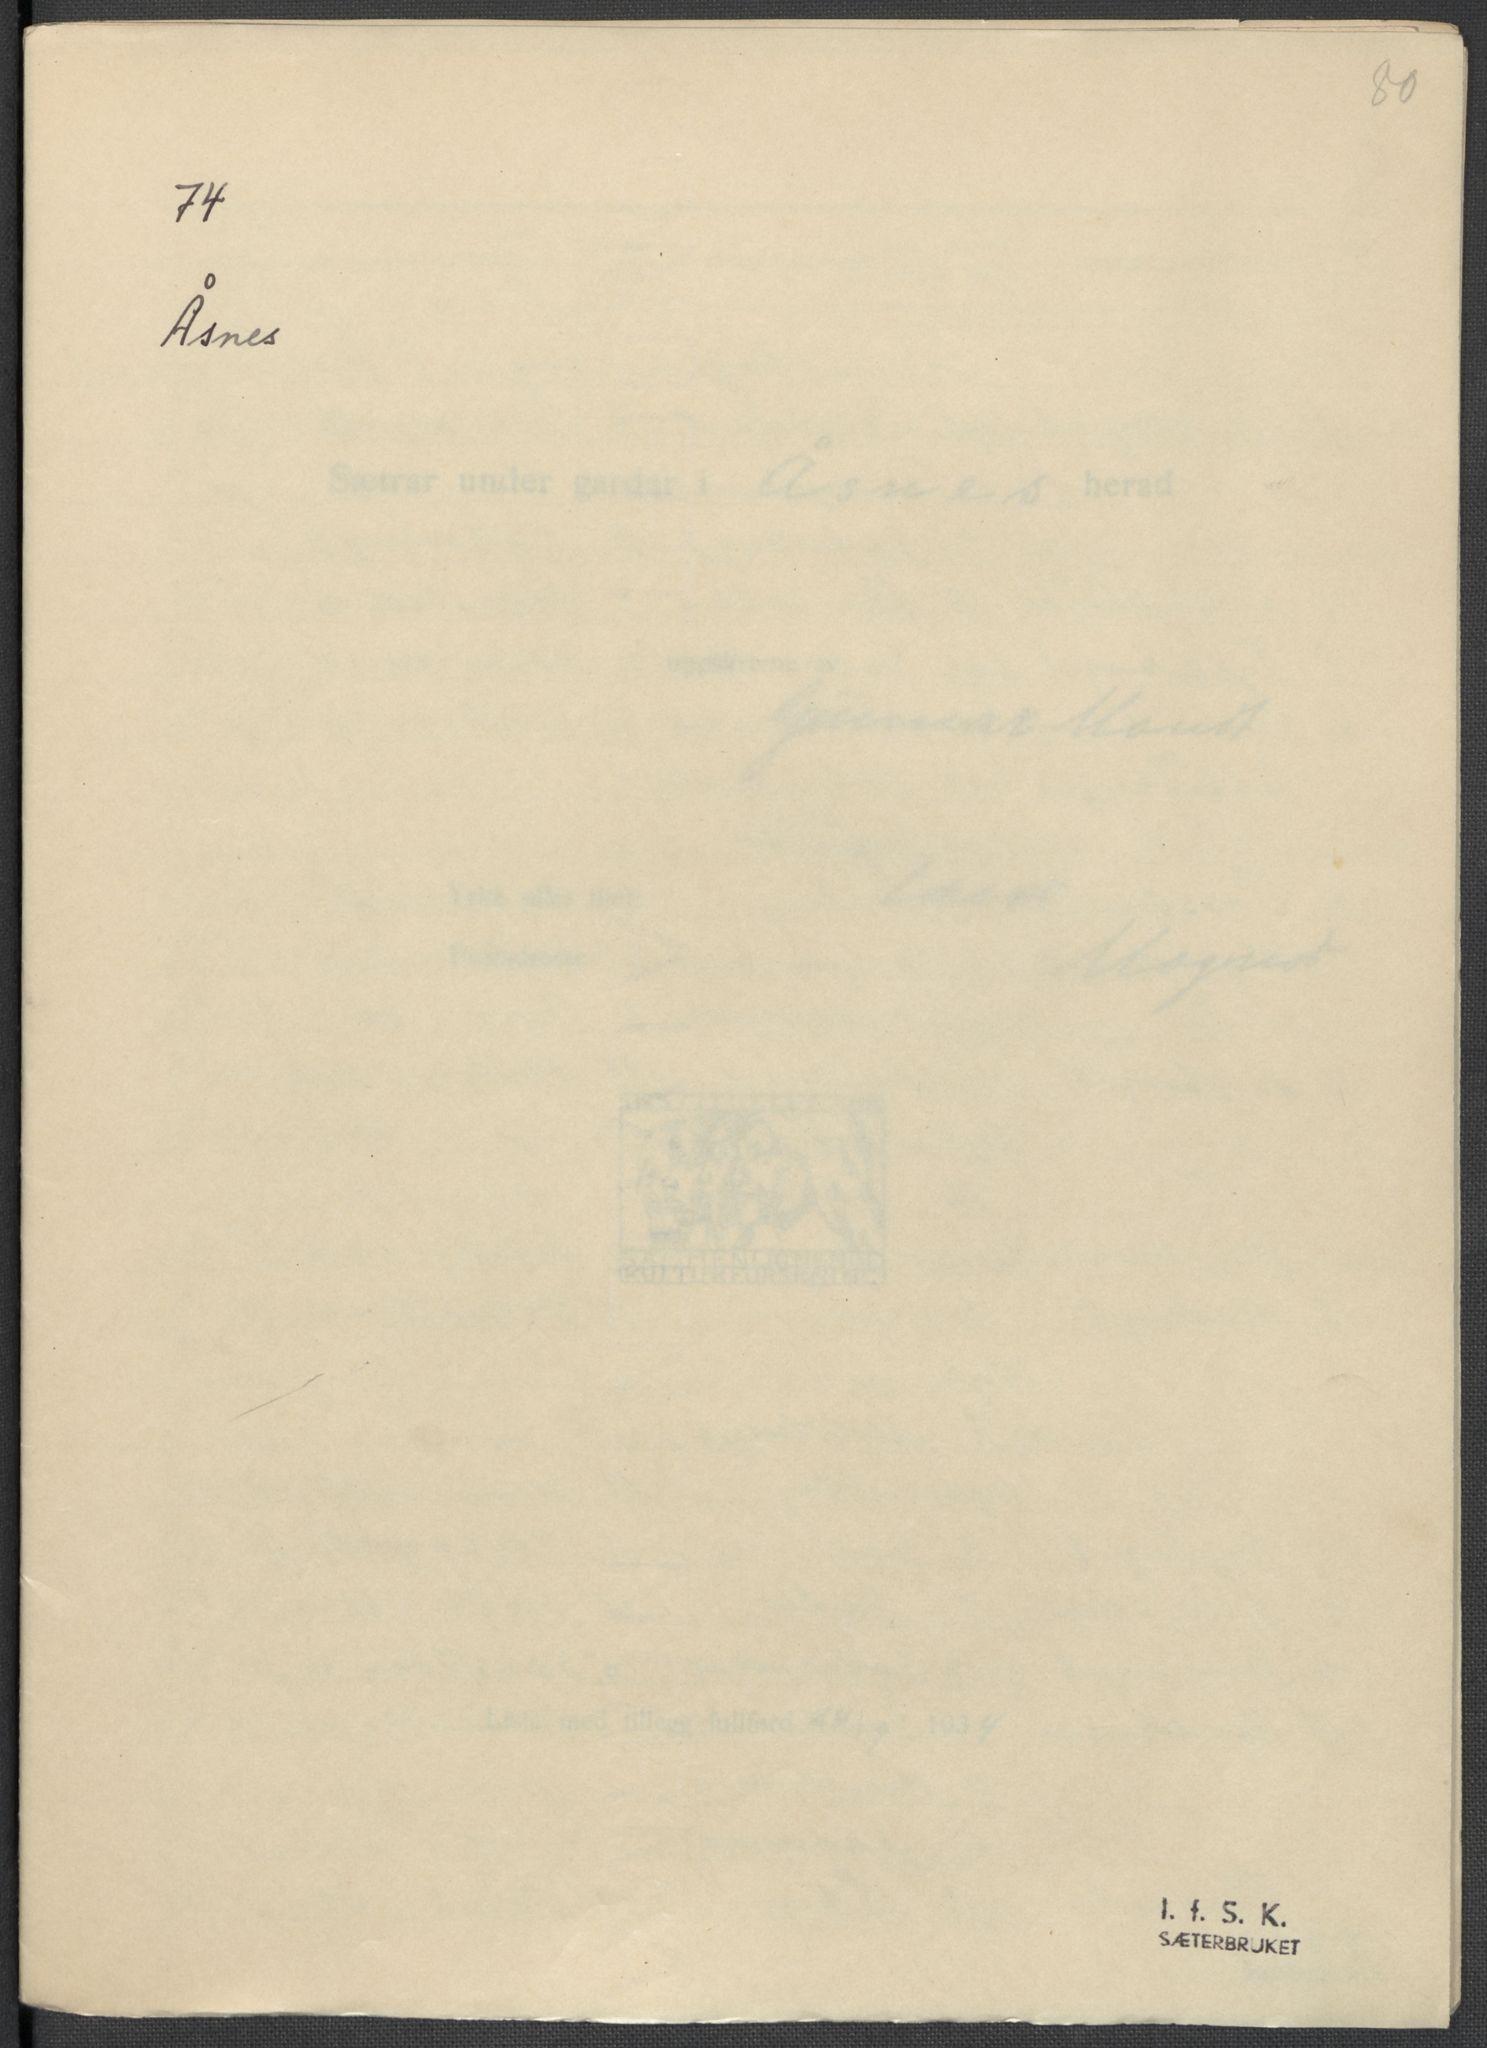 RA, Instituttet for sammenlignende kulturforskning, F/Fc/L0003: Eske B3:, 1934-1935, s. 80